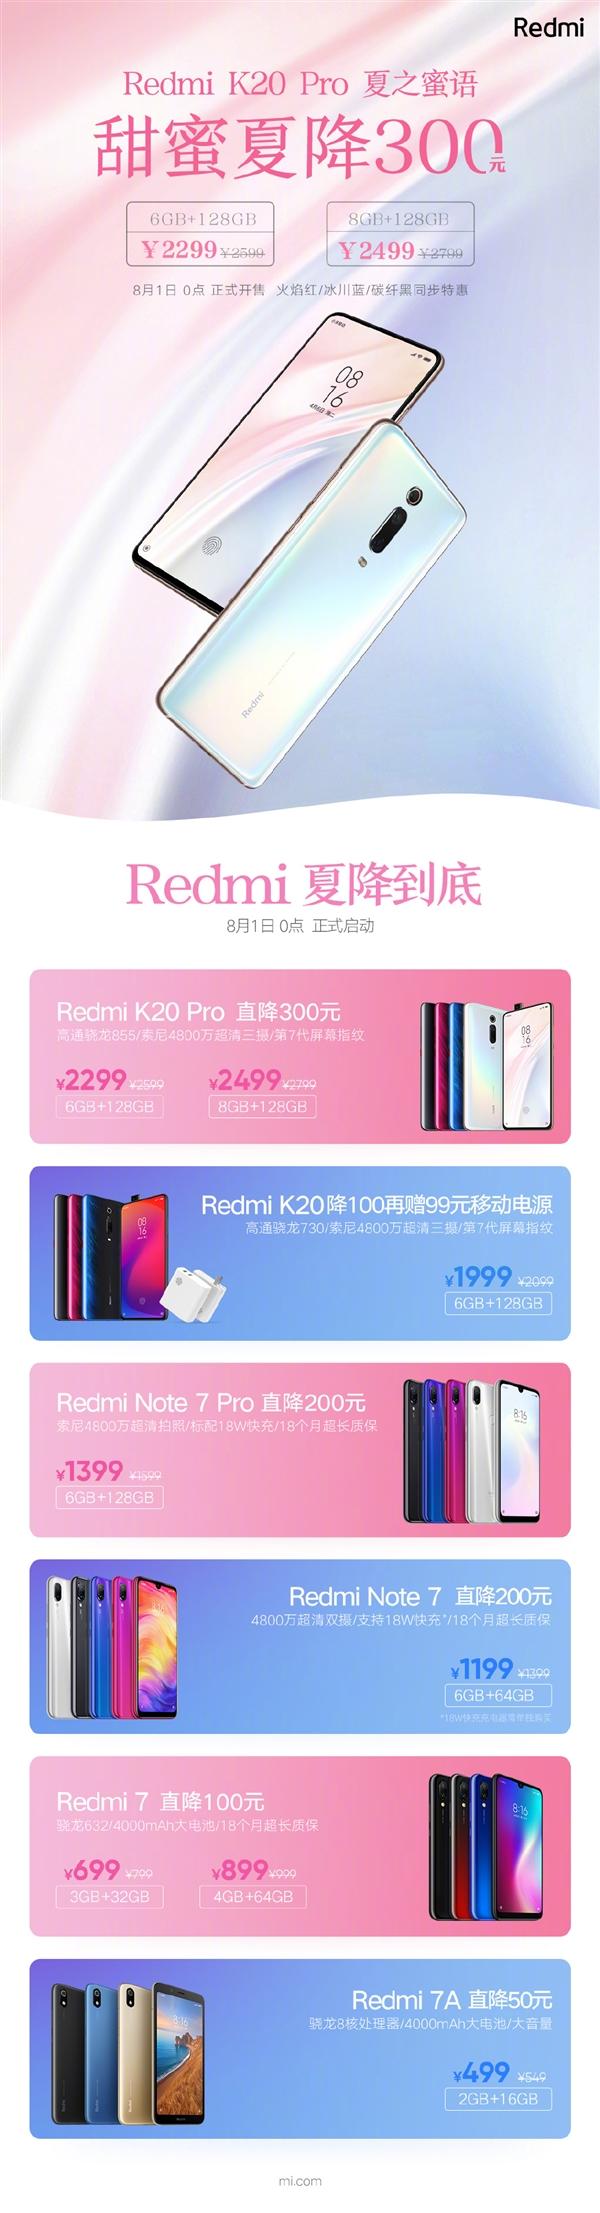 红米K20 Pro宣布降价:2299元起 同价位极具竞争力